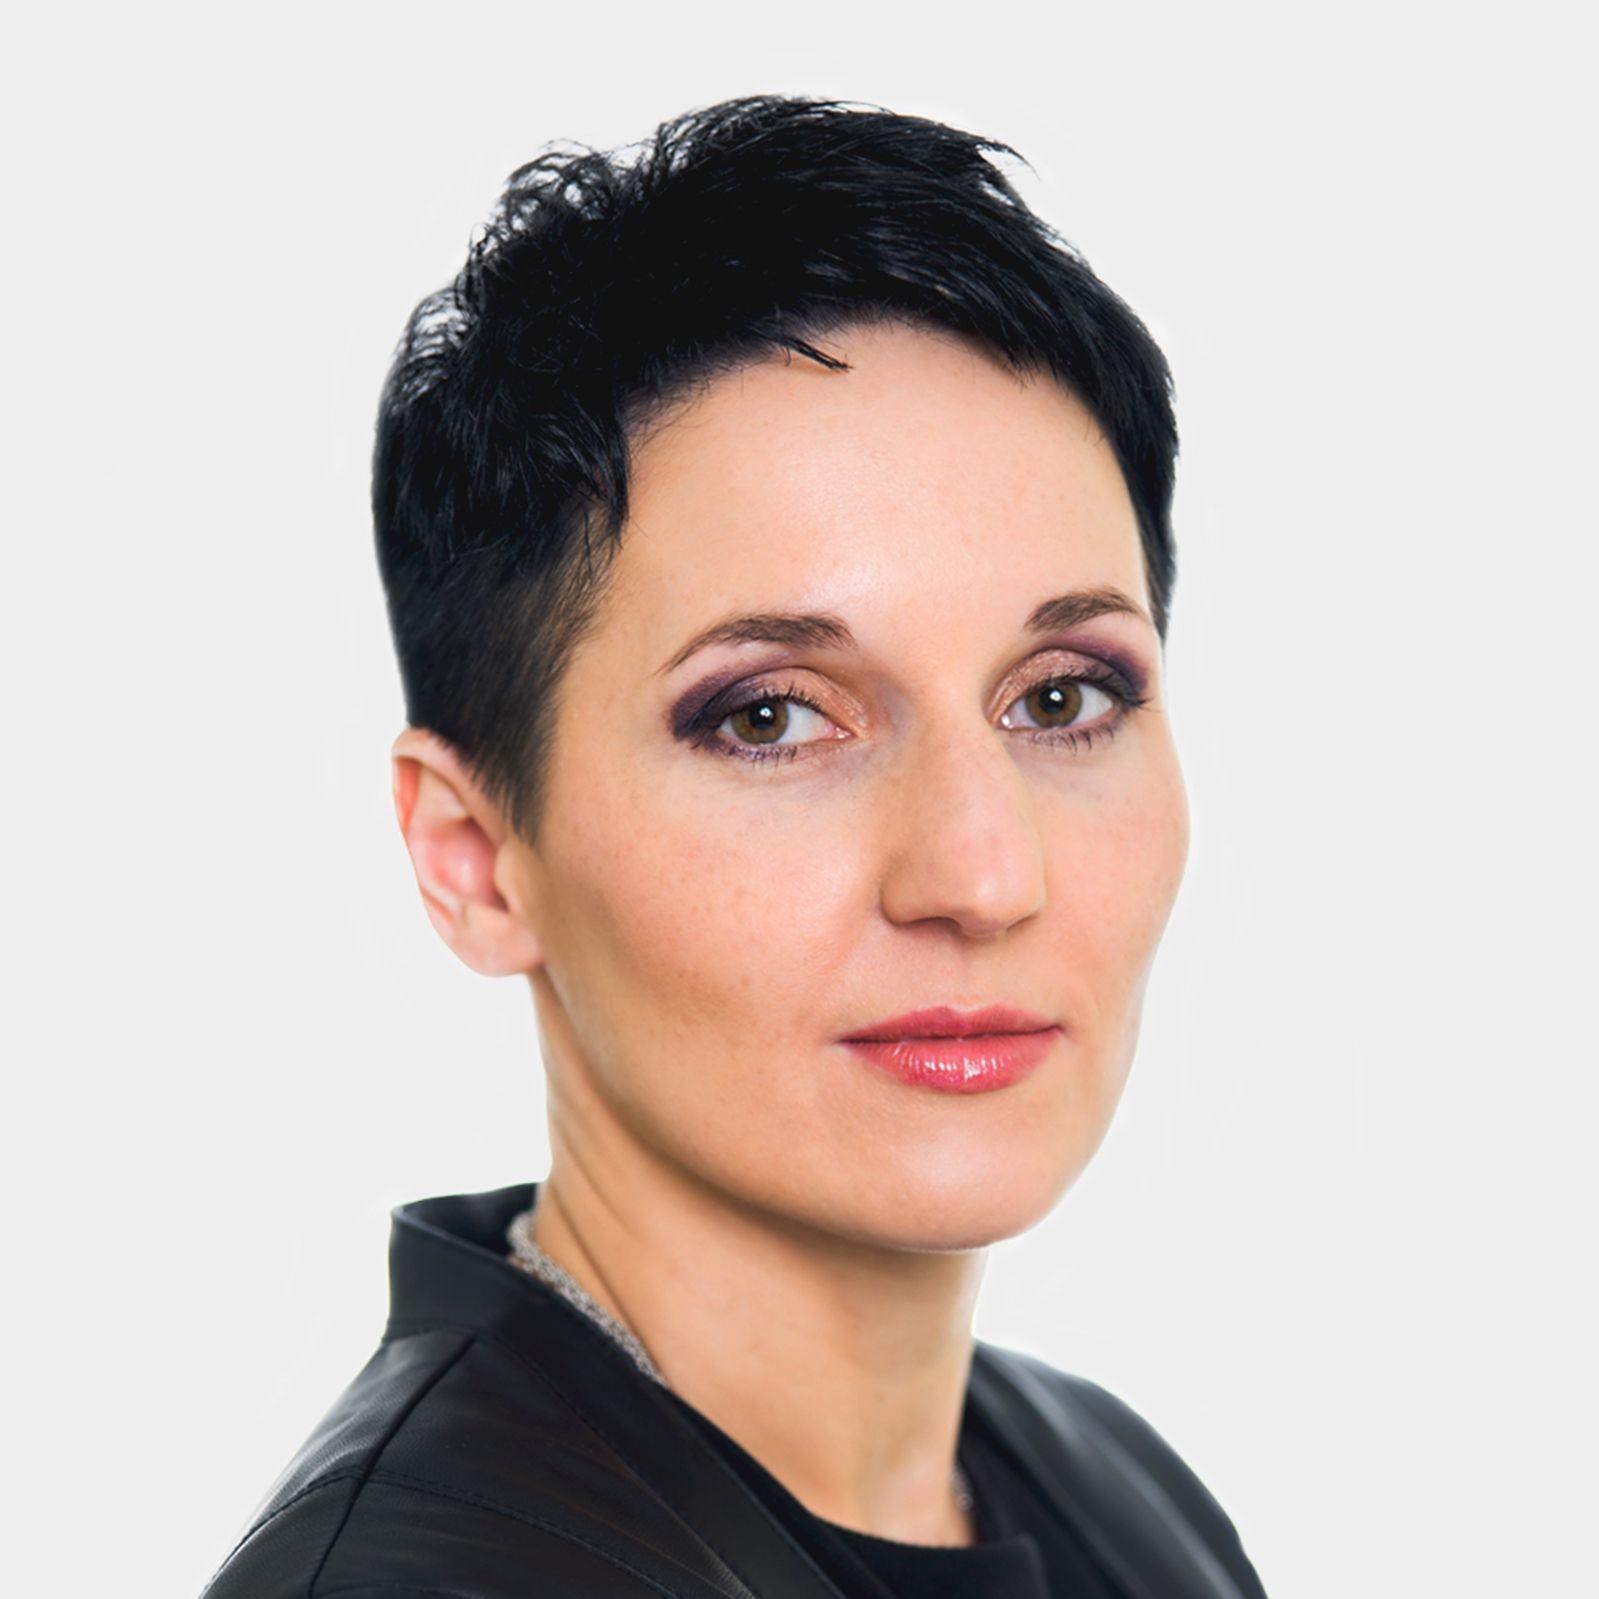 Nierozliczone krzywdy, czyli o przemocy w rodzinie - dr Joanna Stojer-Polańska